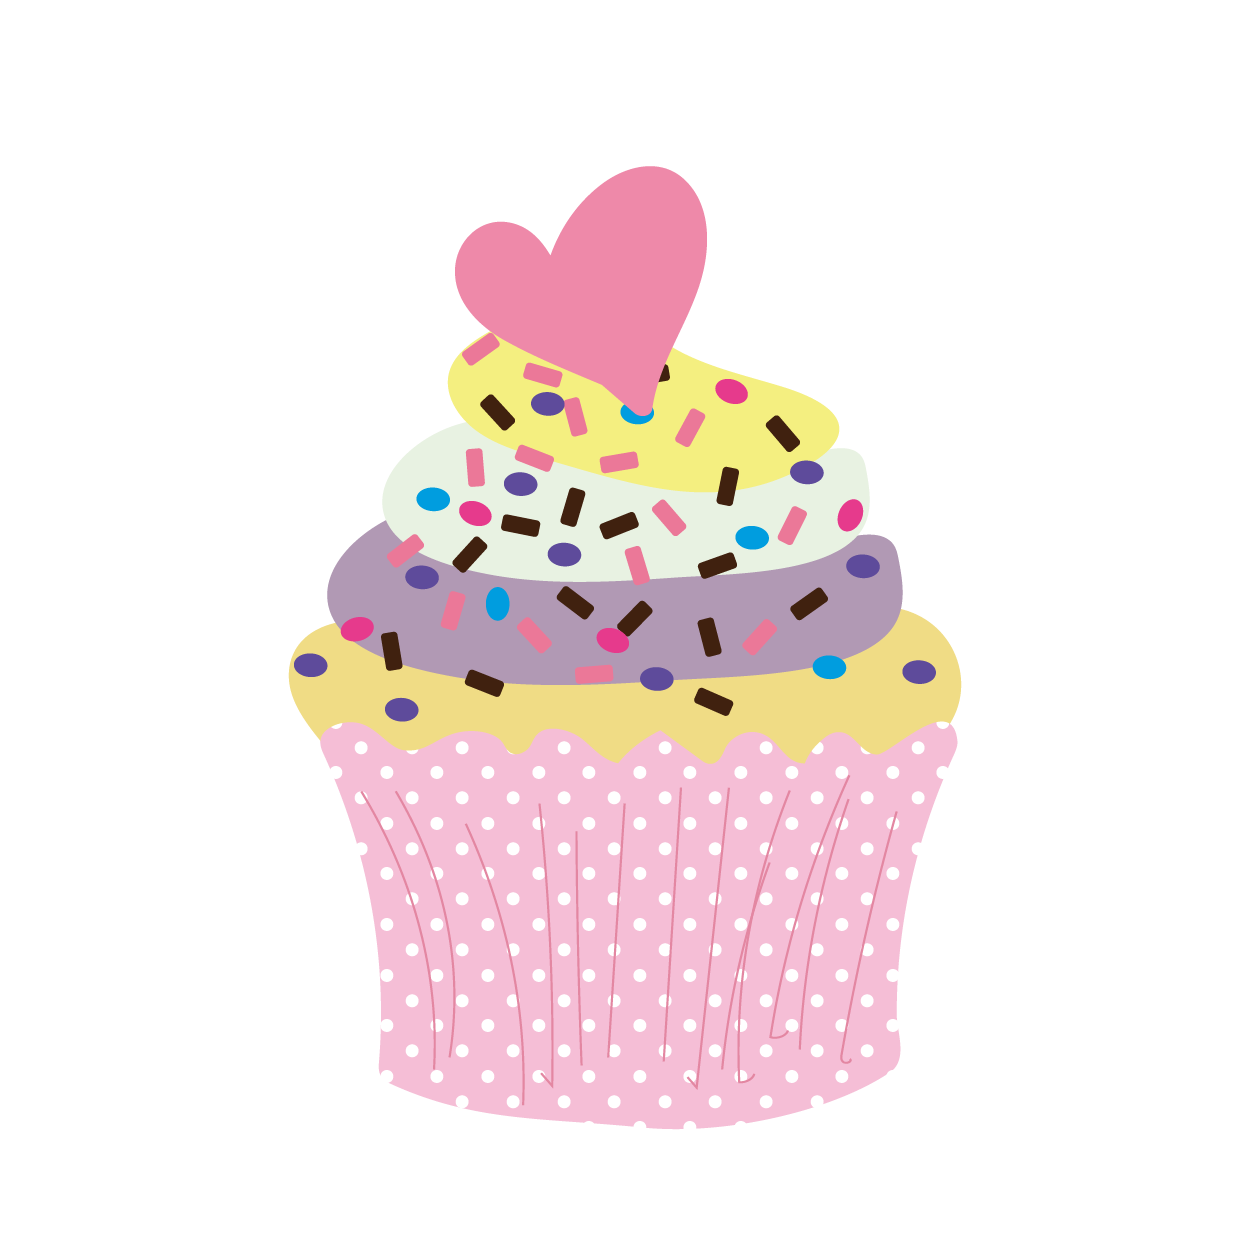 ハートとチョコスプレーのカップケーキ イラスト【スイーツ・お菓子